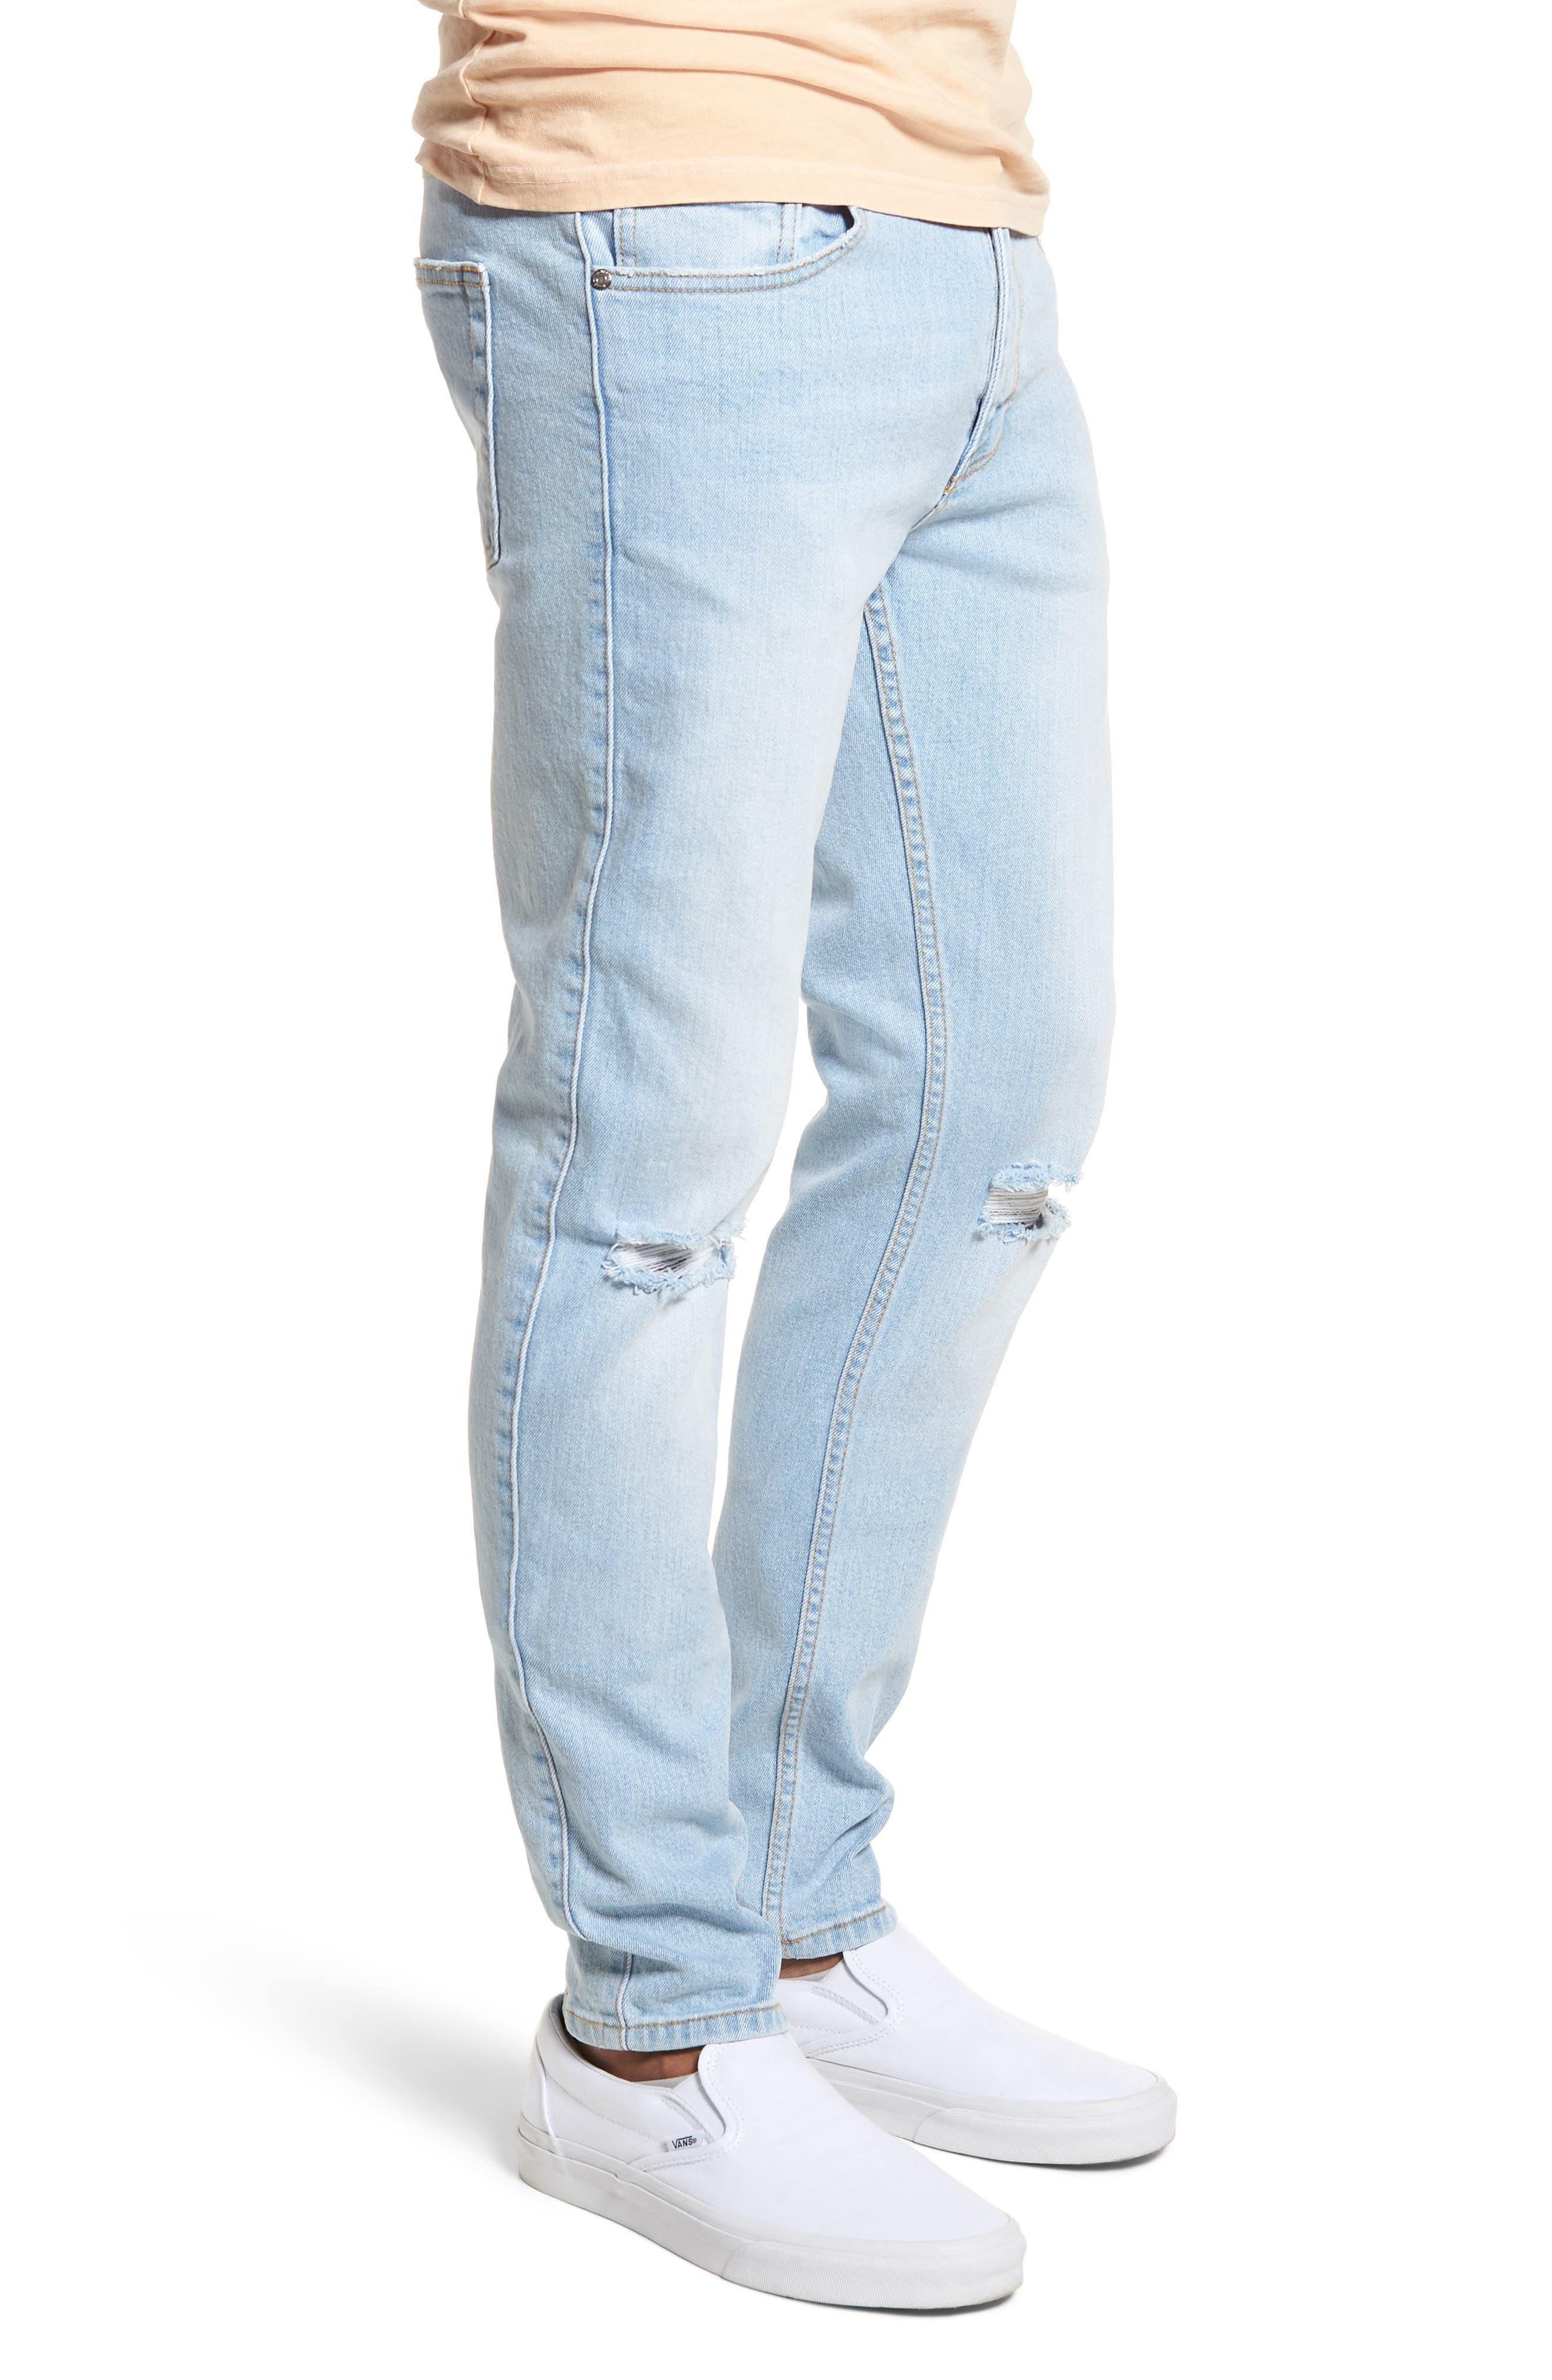 Clark Slim Straight Leg Jeans,                             Alternate thumbnail 3, color,                             Superlight Blue Ripped